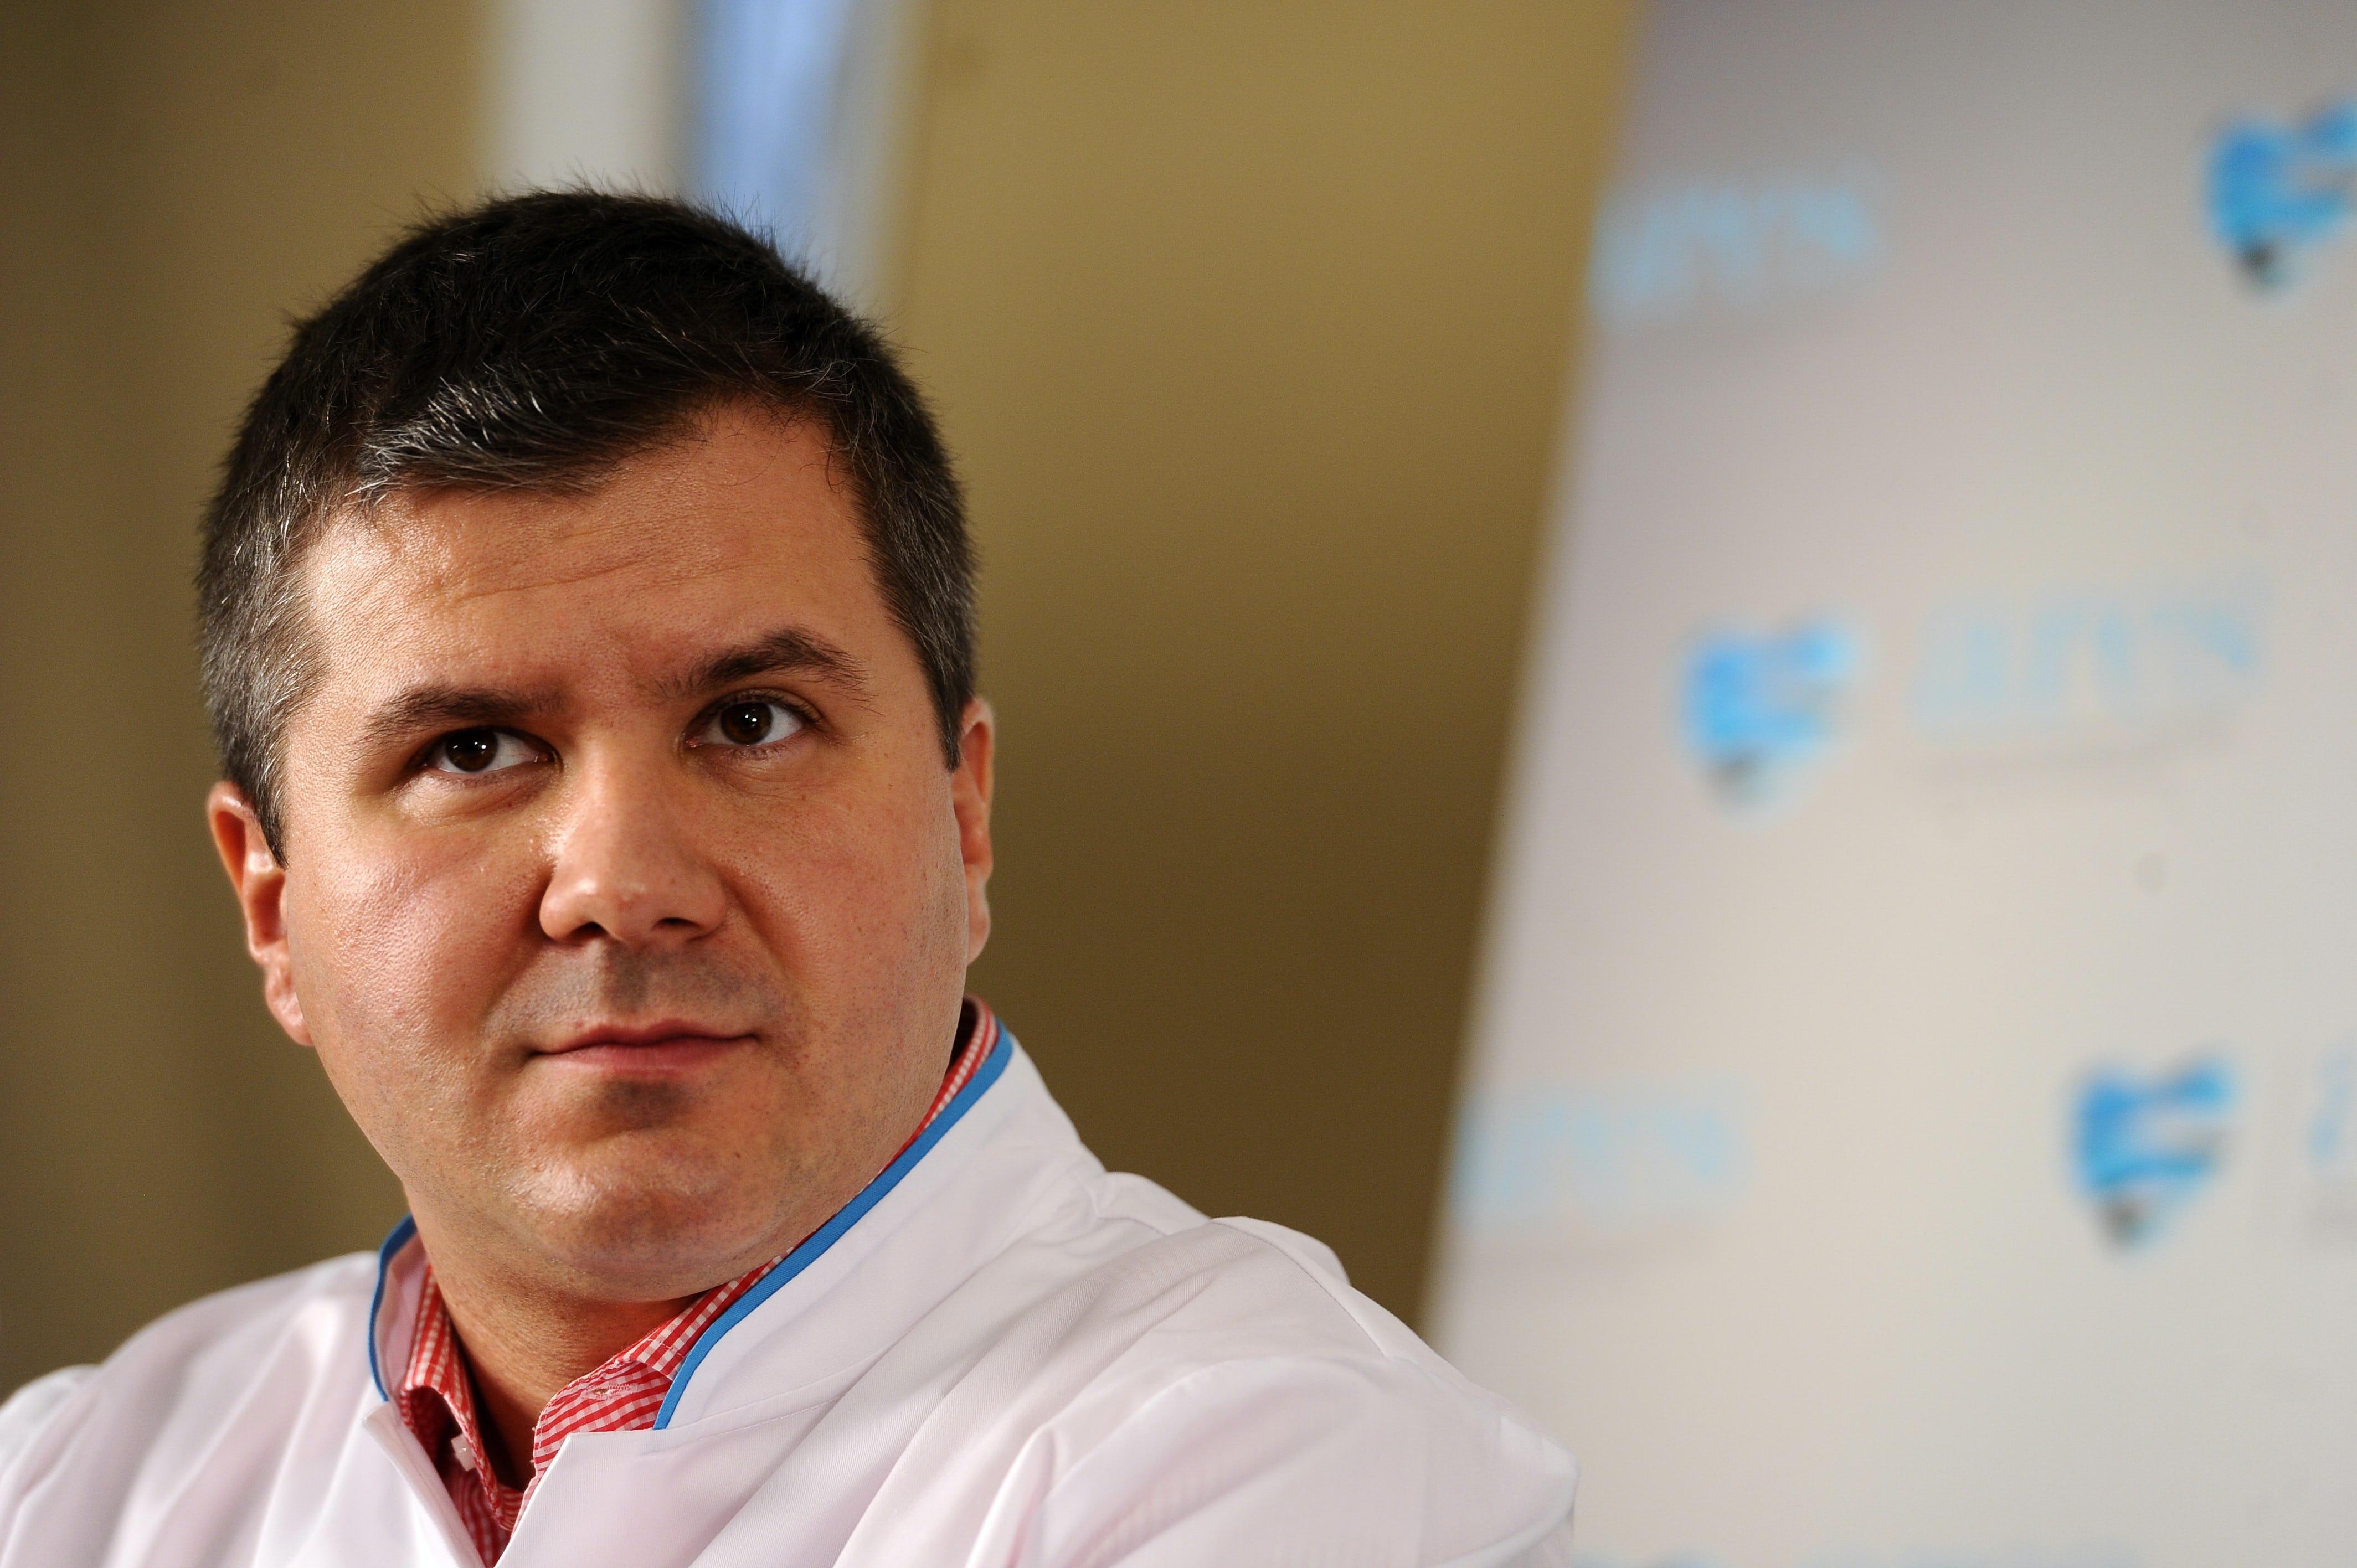 Dr. Ștefăniță Dima, un nou medic de excepție în cadrul Centrelor de Excelență Ares - București